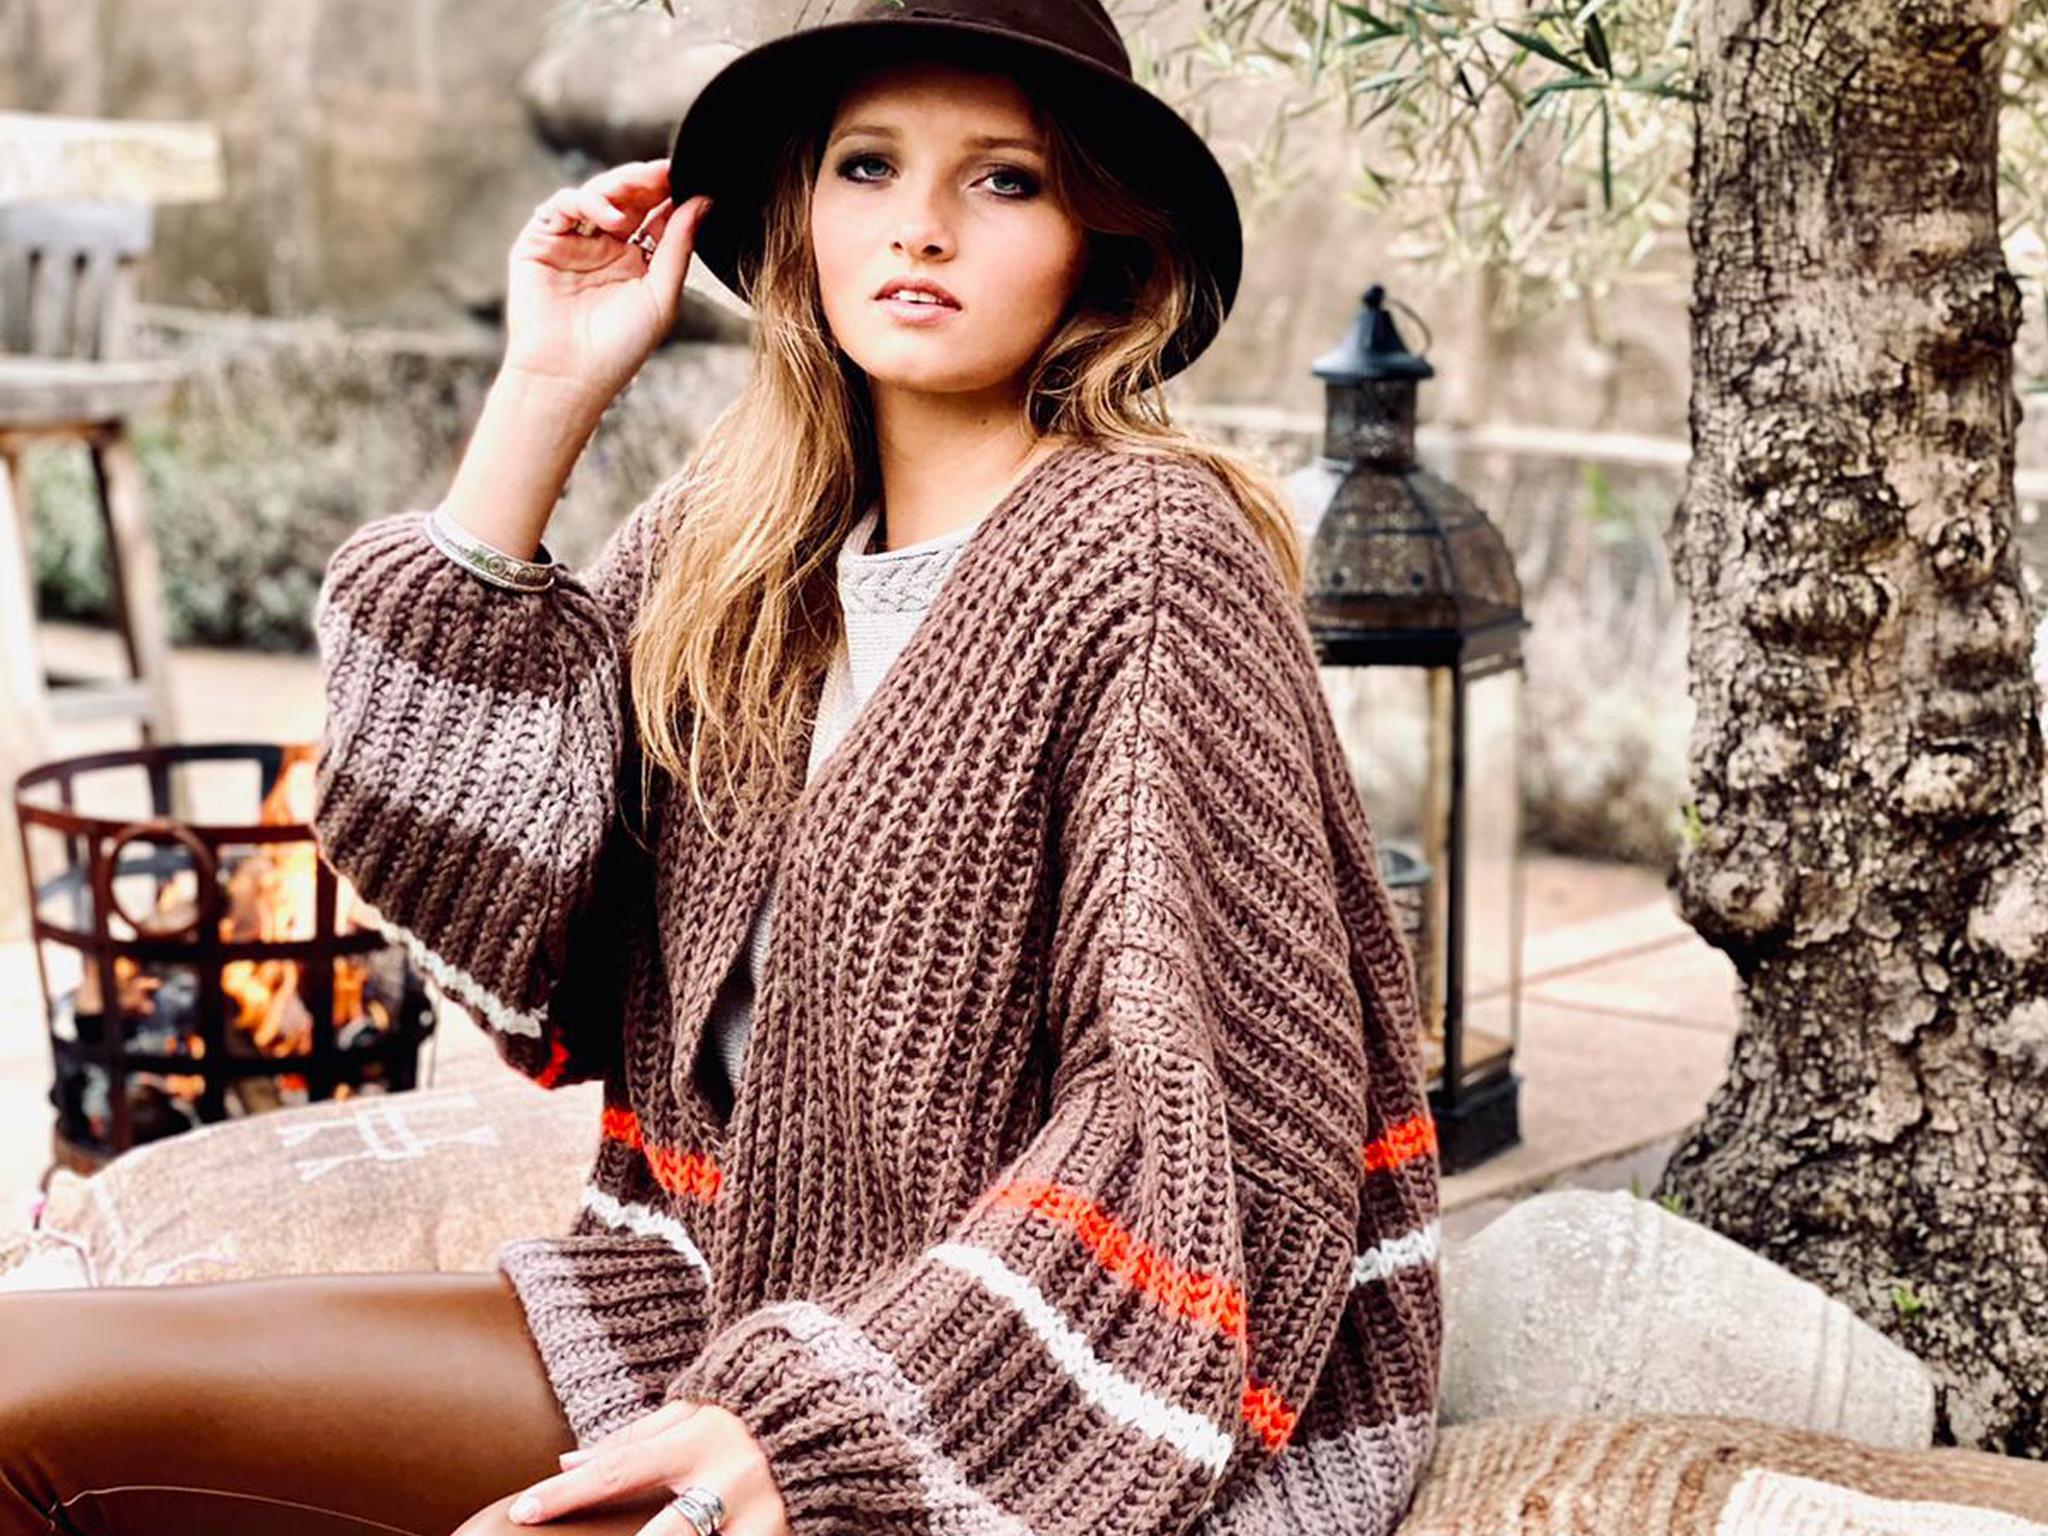 Haben Sie die neue Winterkollektion von ibz fashion gesehen?